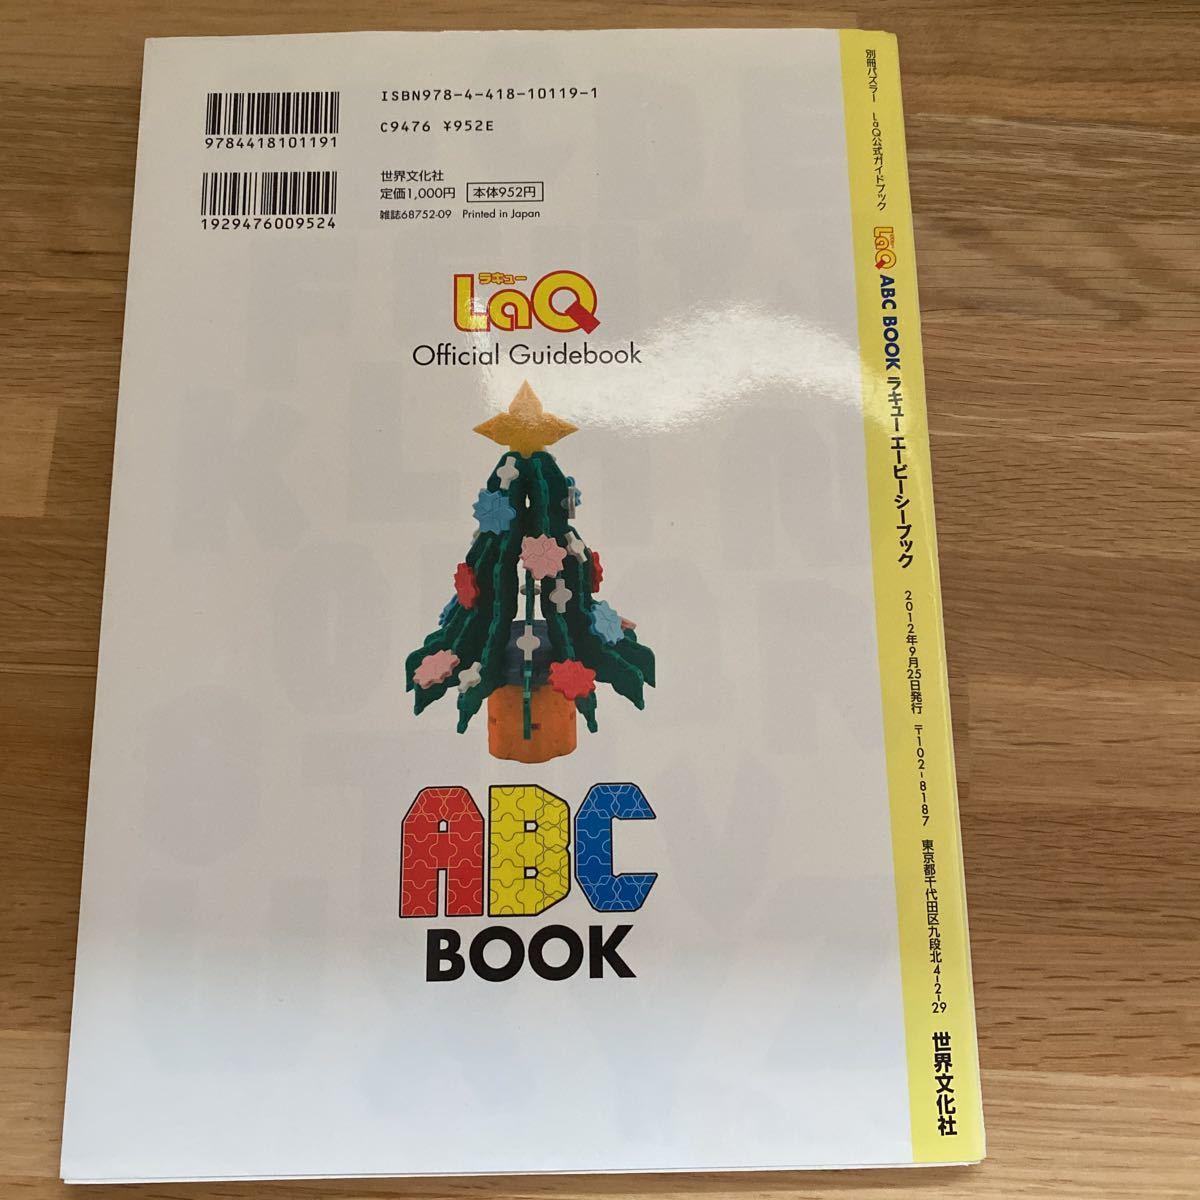 送料無料◇中古◇LaQ ABC BOOK 設計図 ラキュー ヨシリツ LaQ 本 ガイドブック 作り方の本説明書_画像2